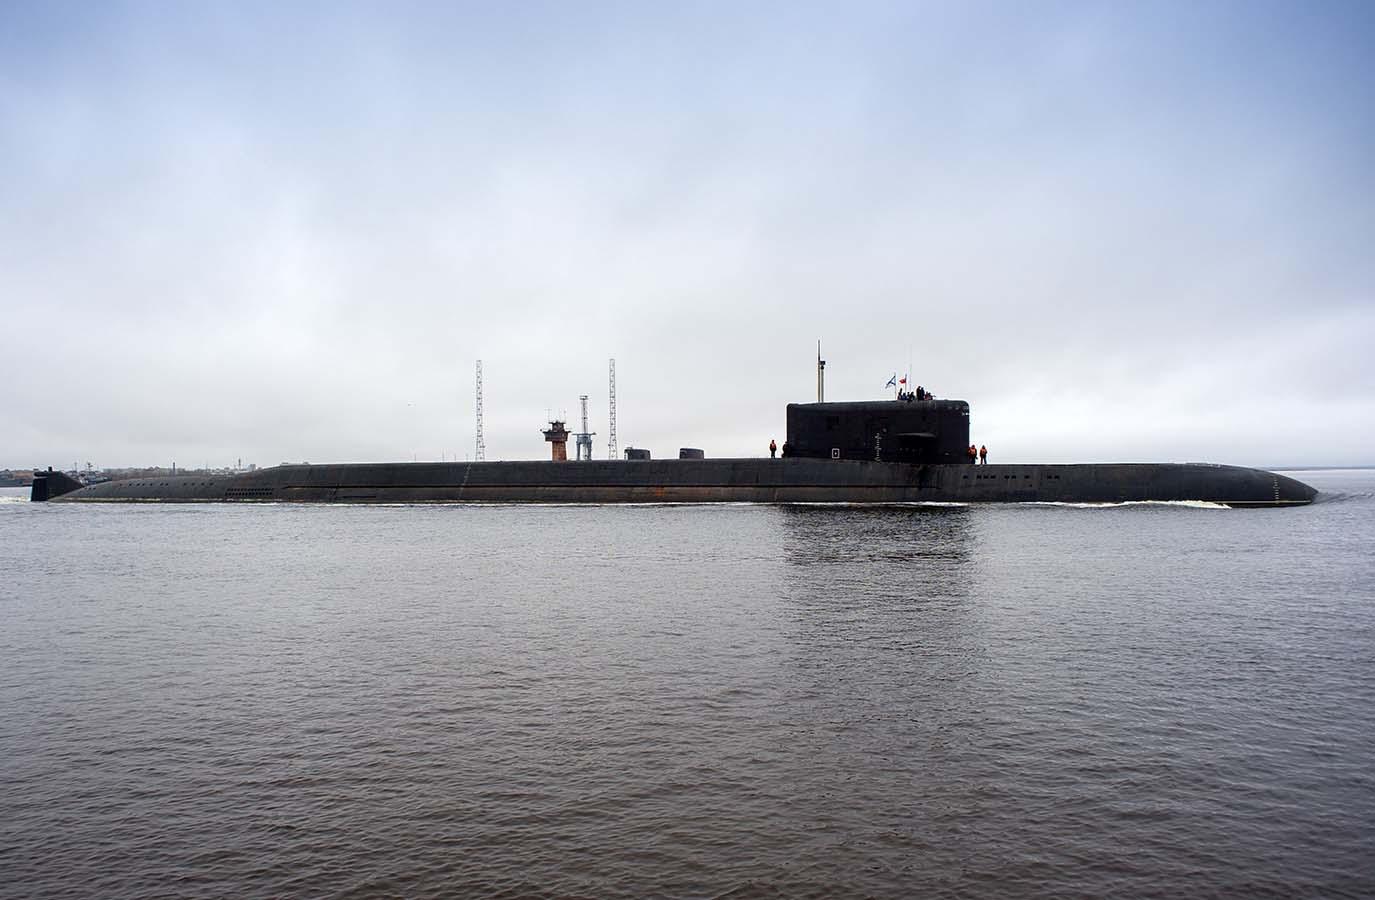 UBÅTEN: BS-64 «Podmoskovje» ble bygget under navnet «K-64» i 1986 ved skipsverftet Sevmash i Severodvinsk, ikke langt fra Arkhangelsk i Nordvest-Russland. Nå er ubåten bygget om for å kunne frakte mini-ubåter til forskningsformål. Foto: OLEG KULESJOV